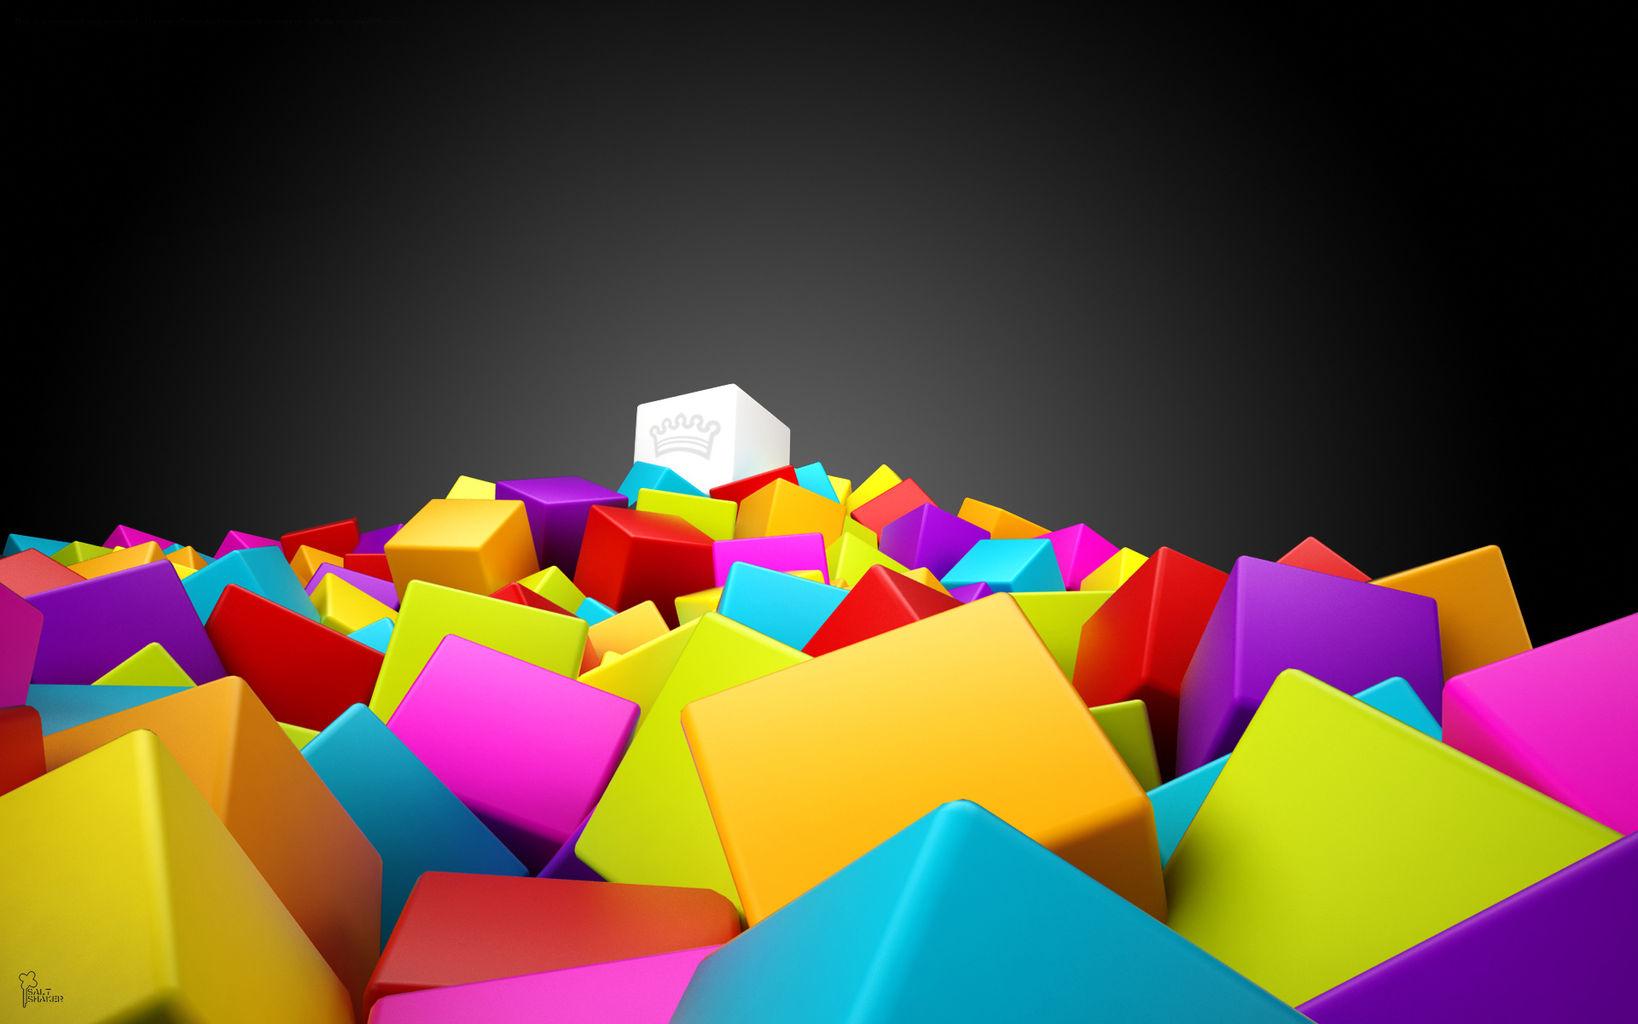 cubos-de-colores-hd-395.jpg